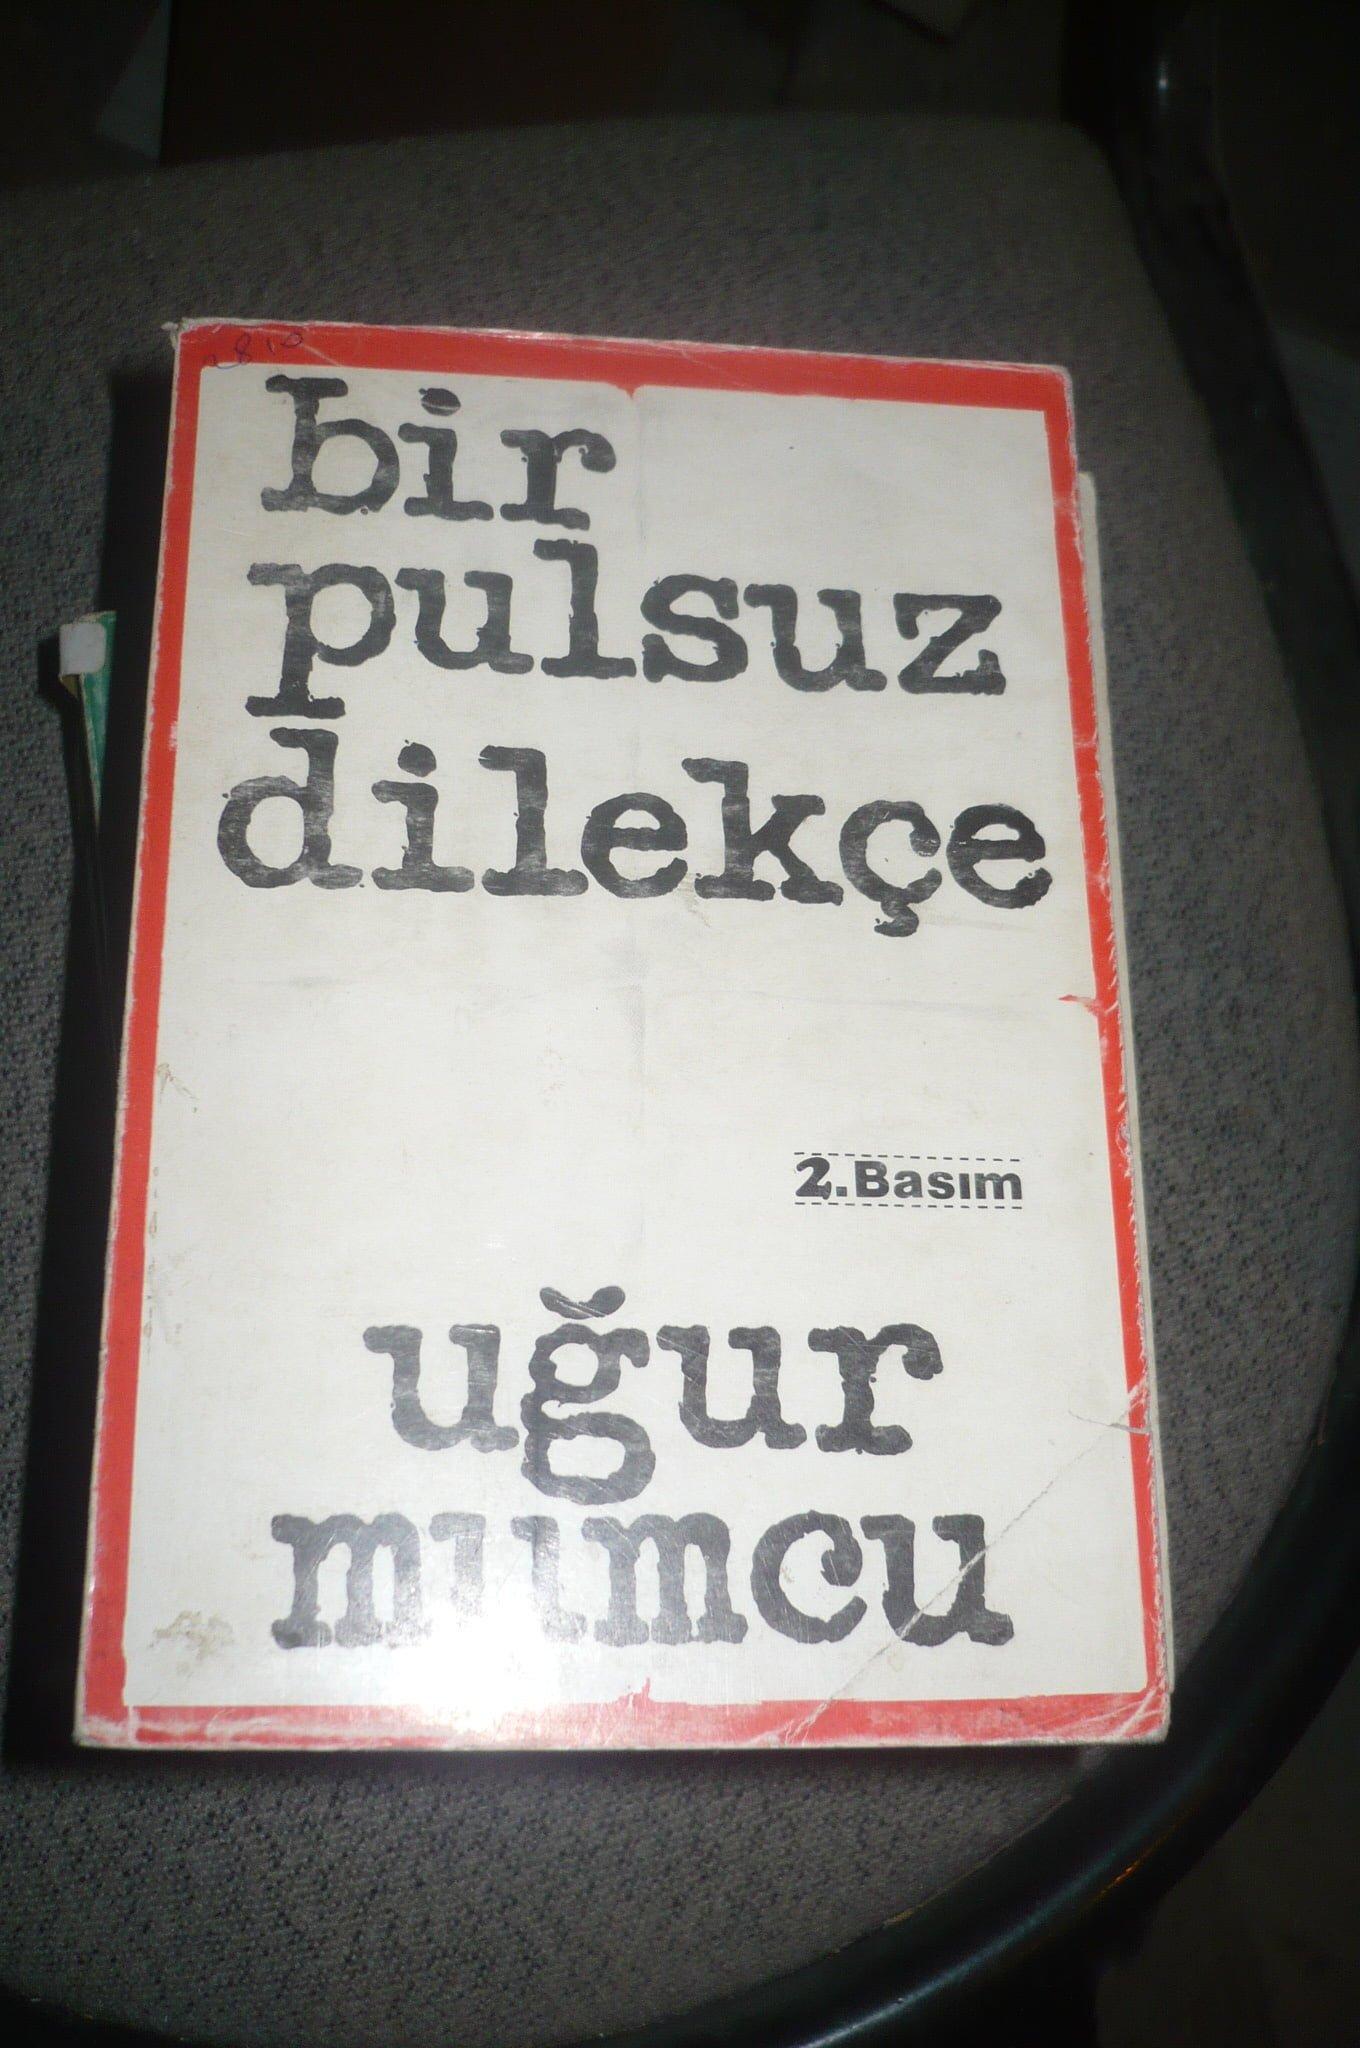 BİR PULSUZ DİLEKÇE/Uğur Mumcu/ 15 tl